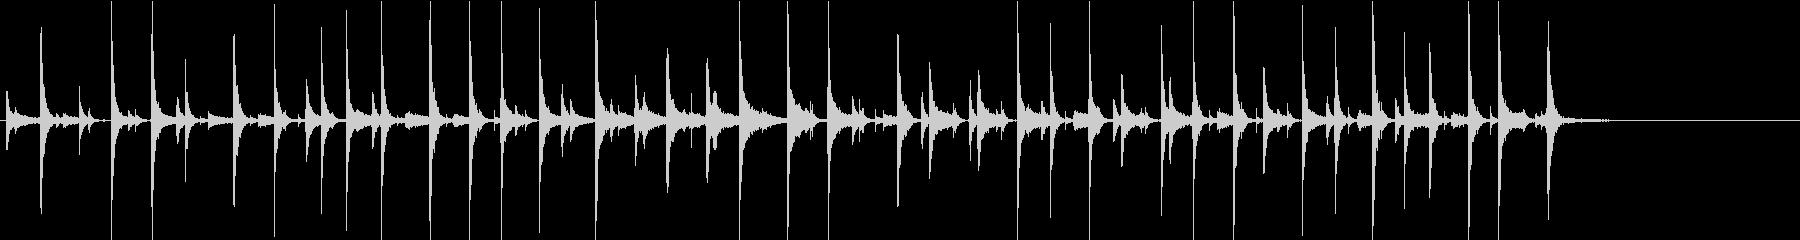 アコースティックドラムセット:ディ...の未再生の波形